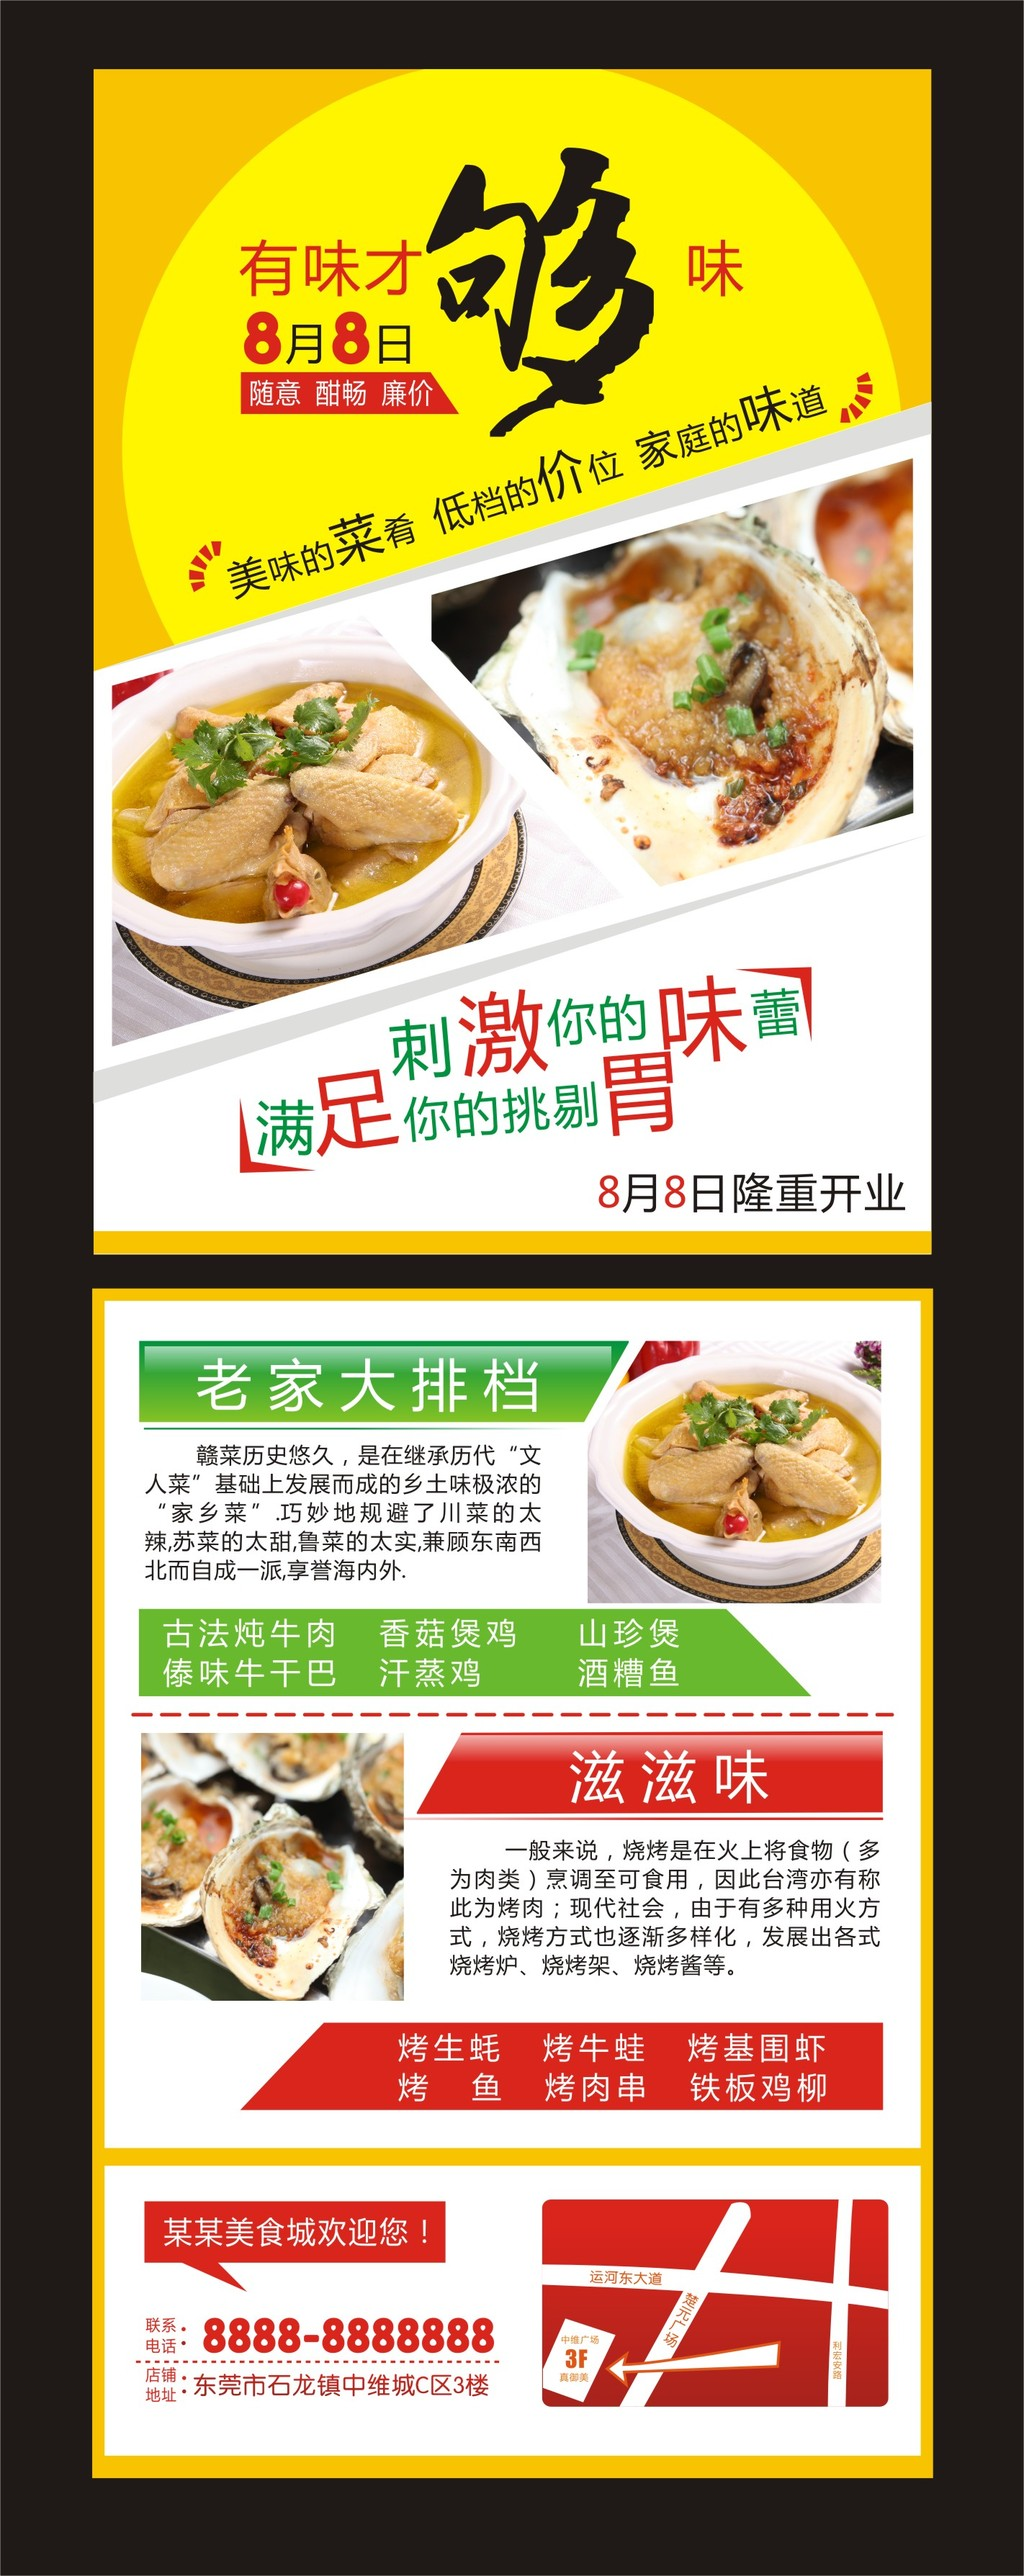 食品类宣传单 餐饮宣传单背景